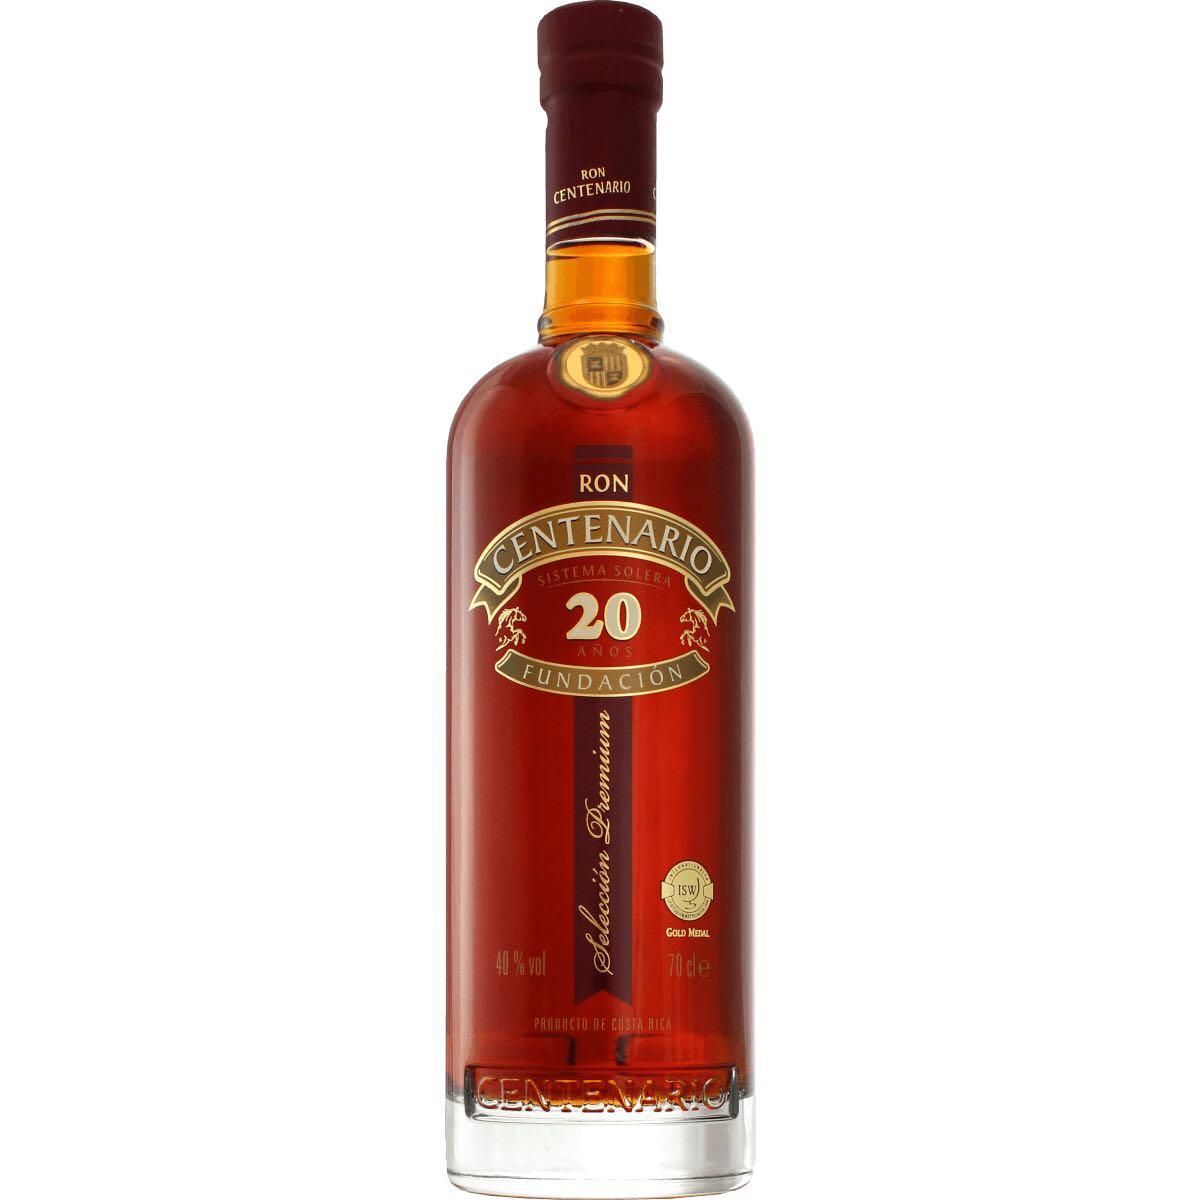 Bottle image of Centenario Fundación 20 Años Reserva Especial